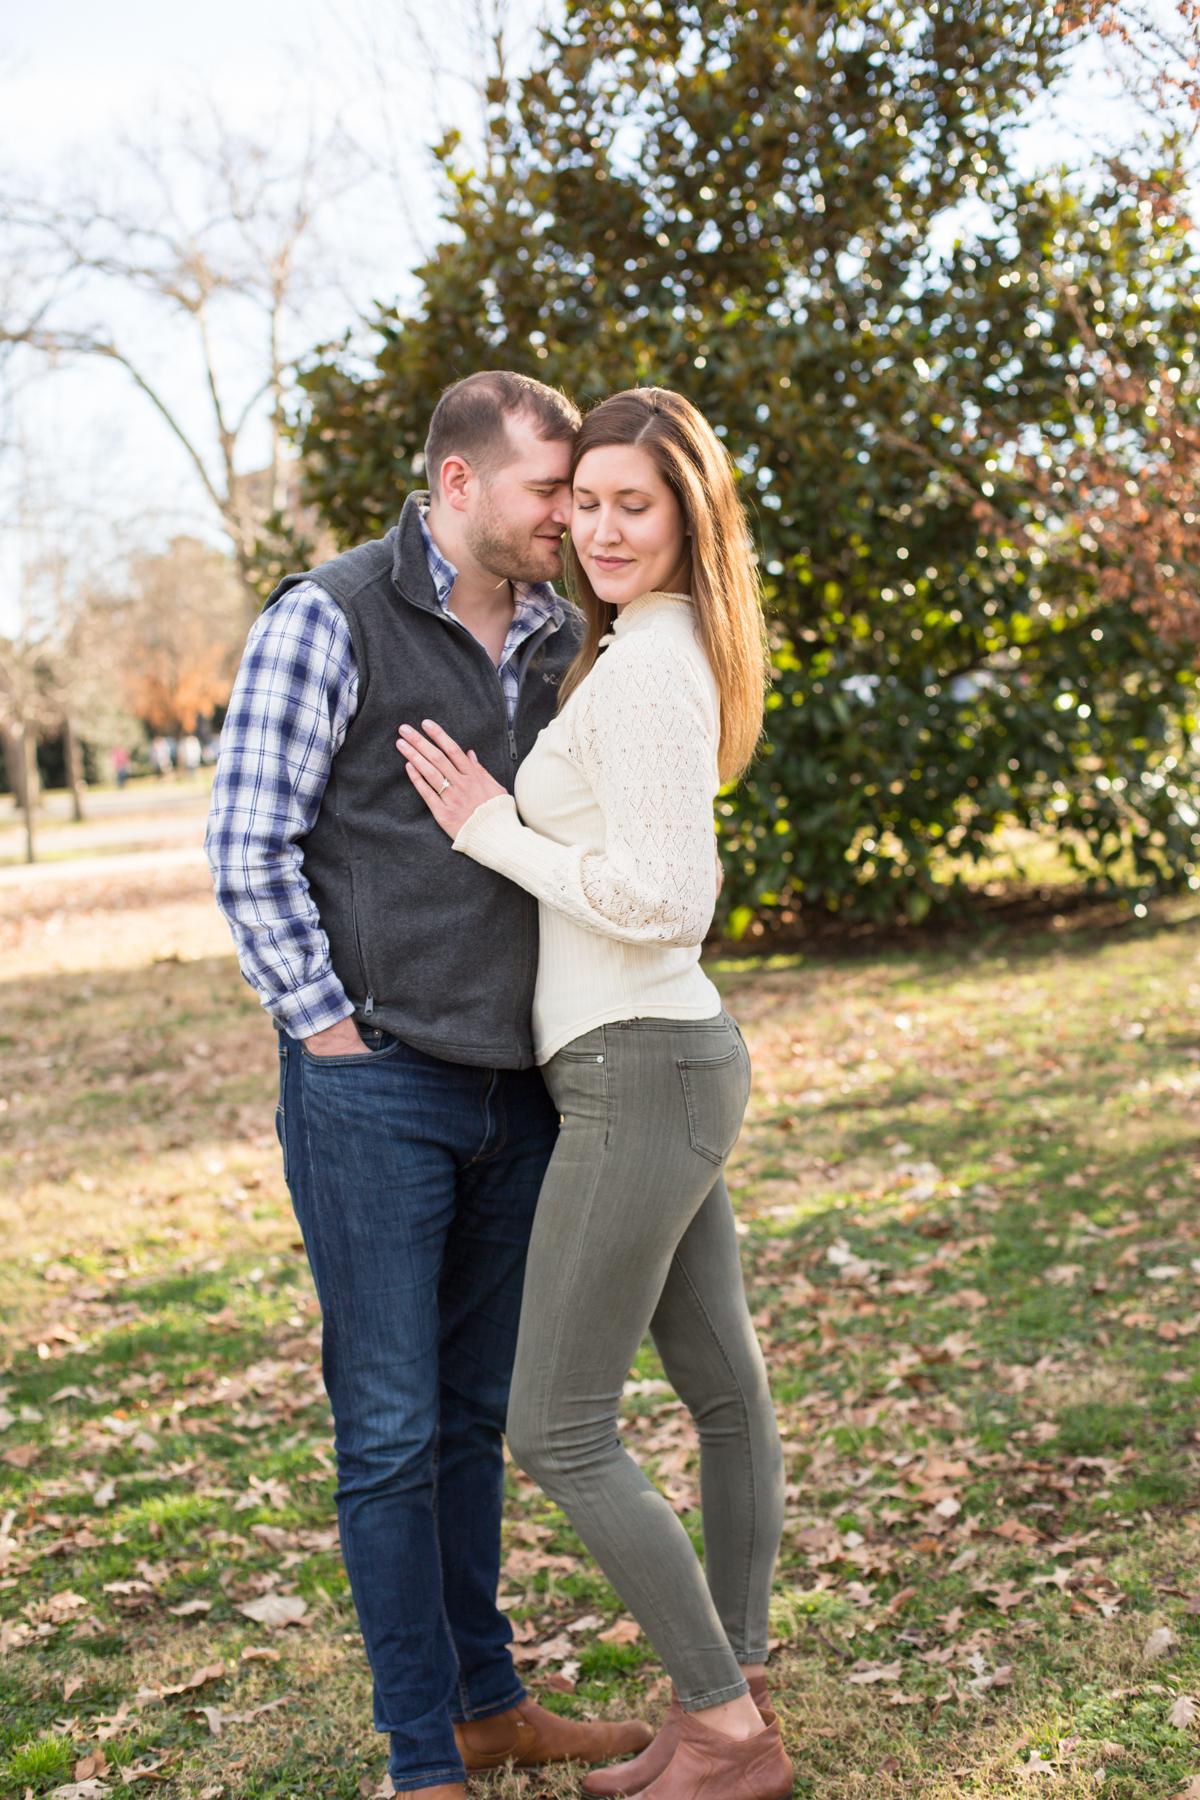 Lauren-and-Grant-Engagement-Centennial-Park-Nashville-Sneak-Peak-0015.jpg